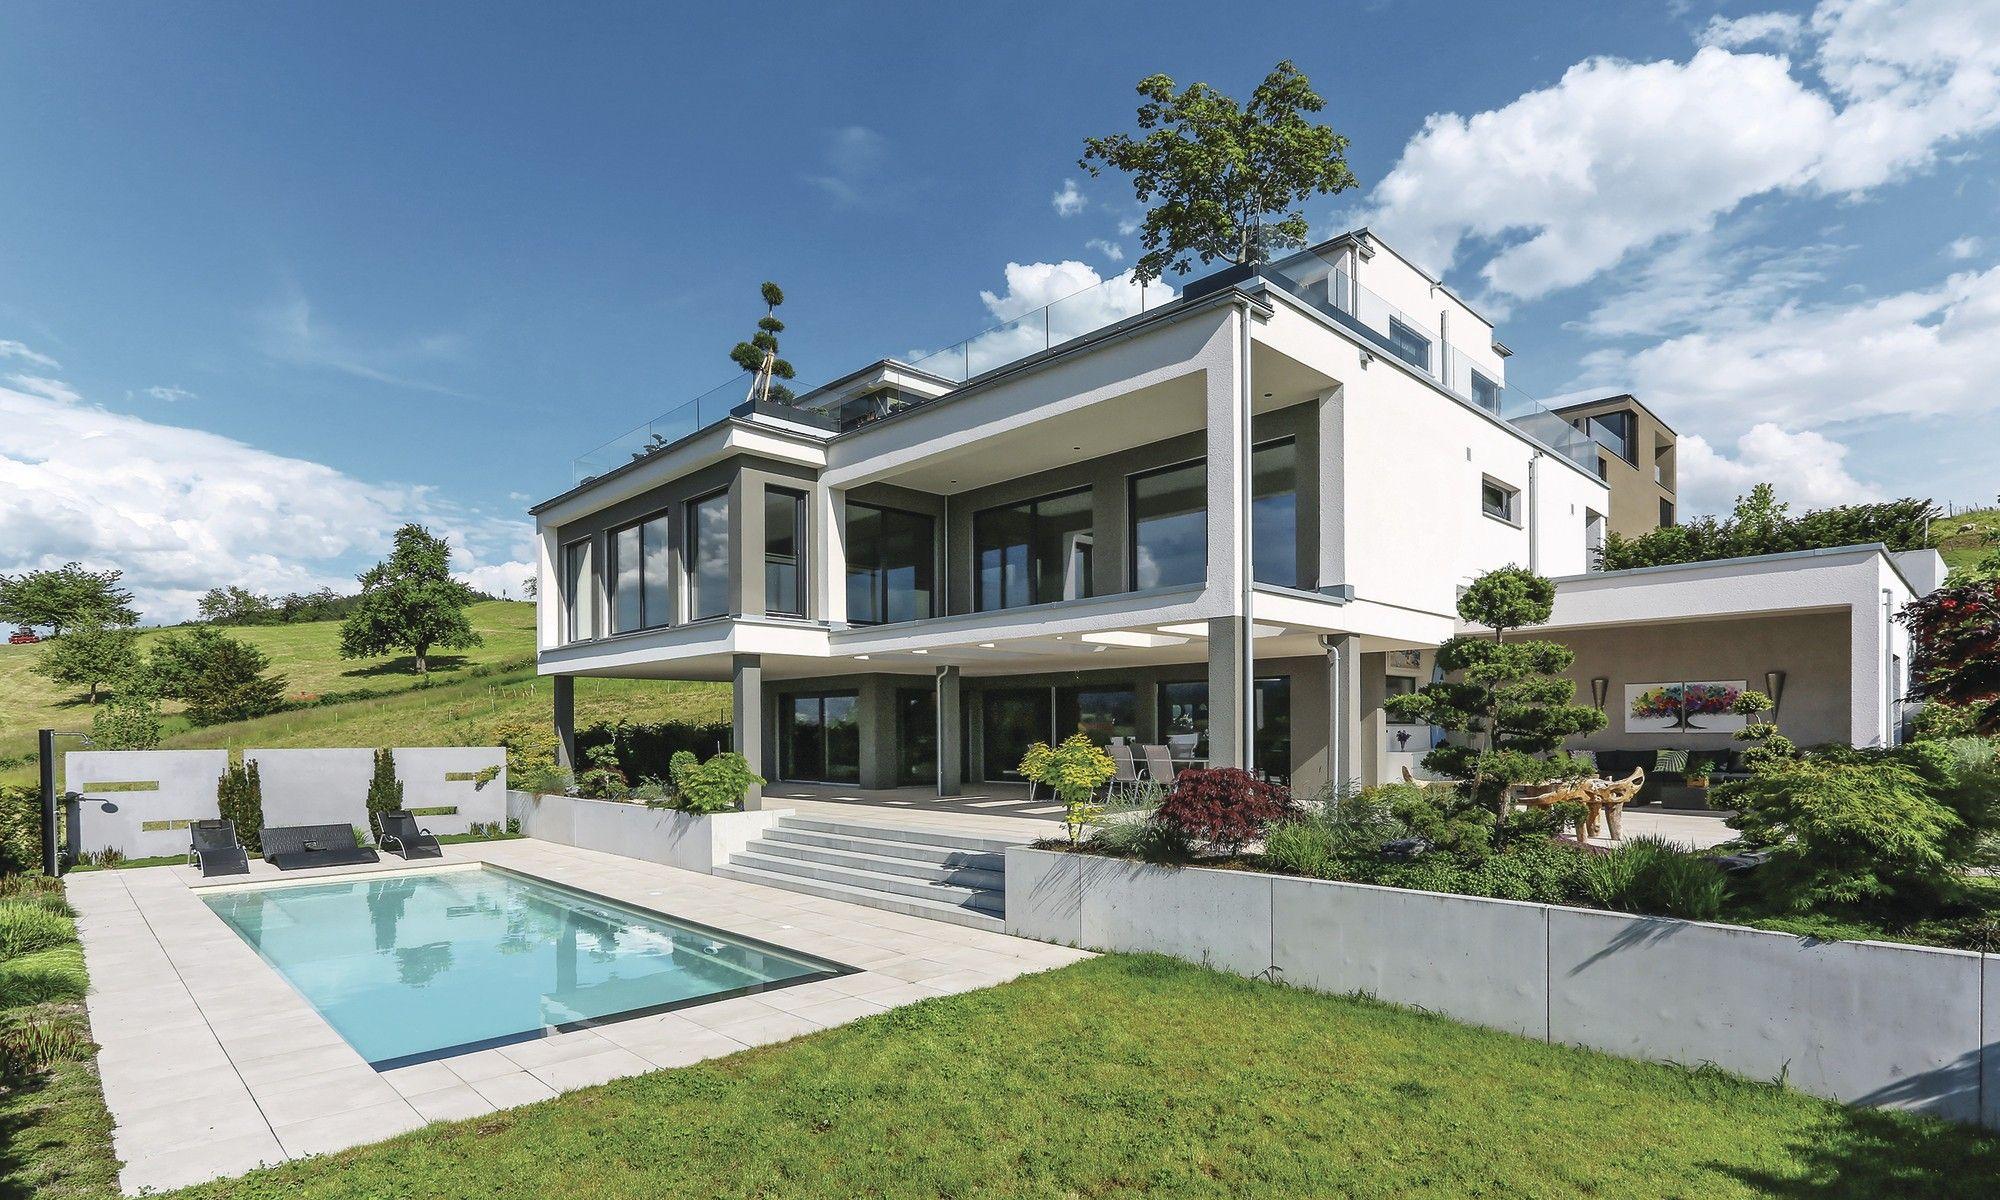 fertighaus weberhaus holzbauweise villa pool lakelucerne schweiz haus pool houses